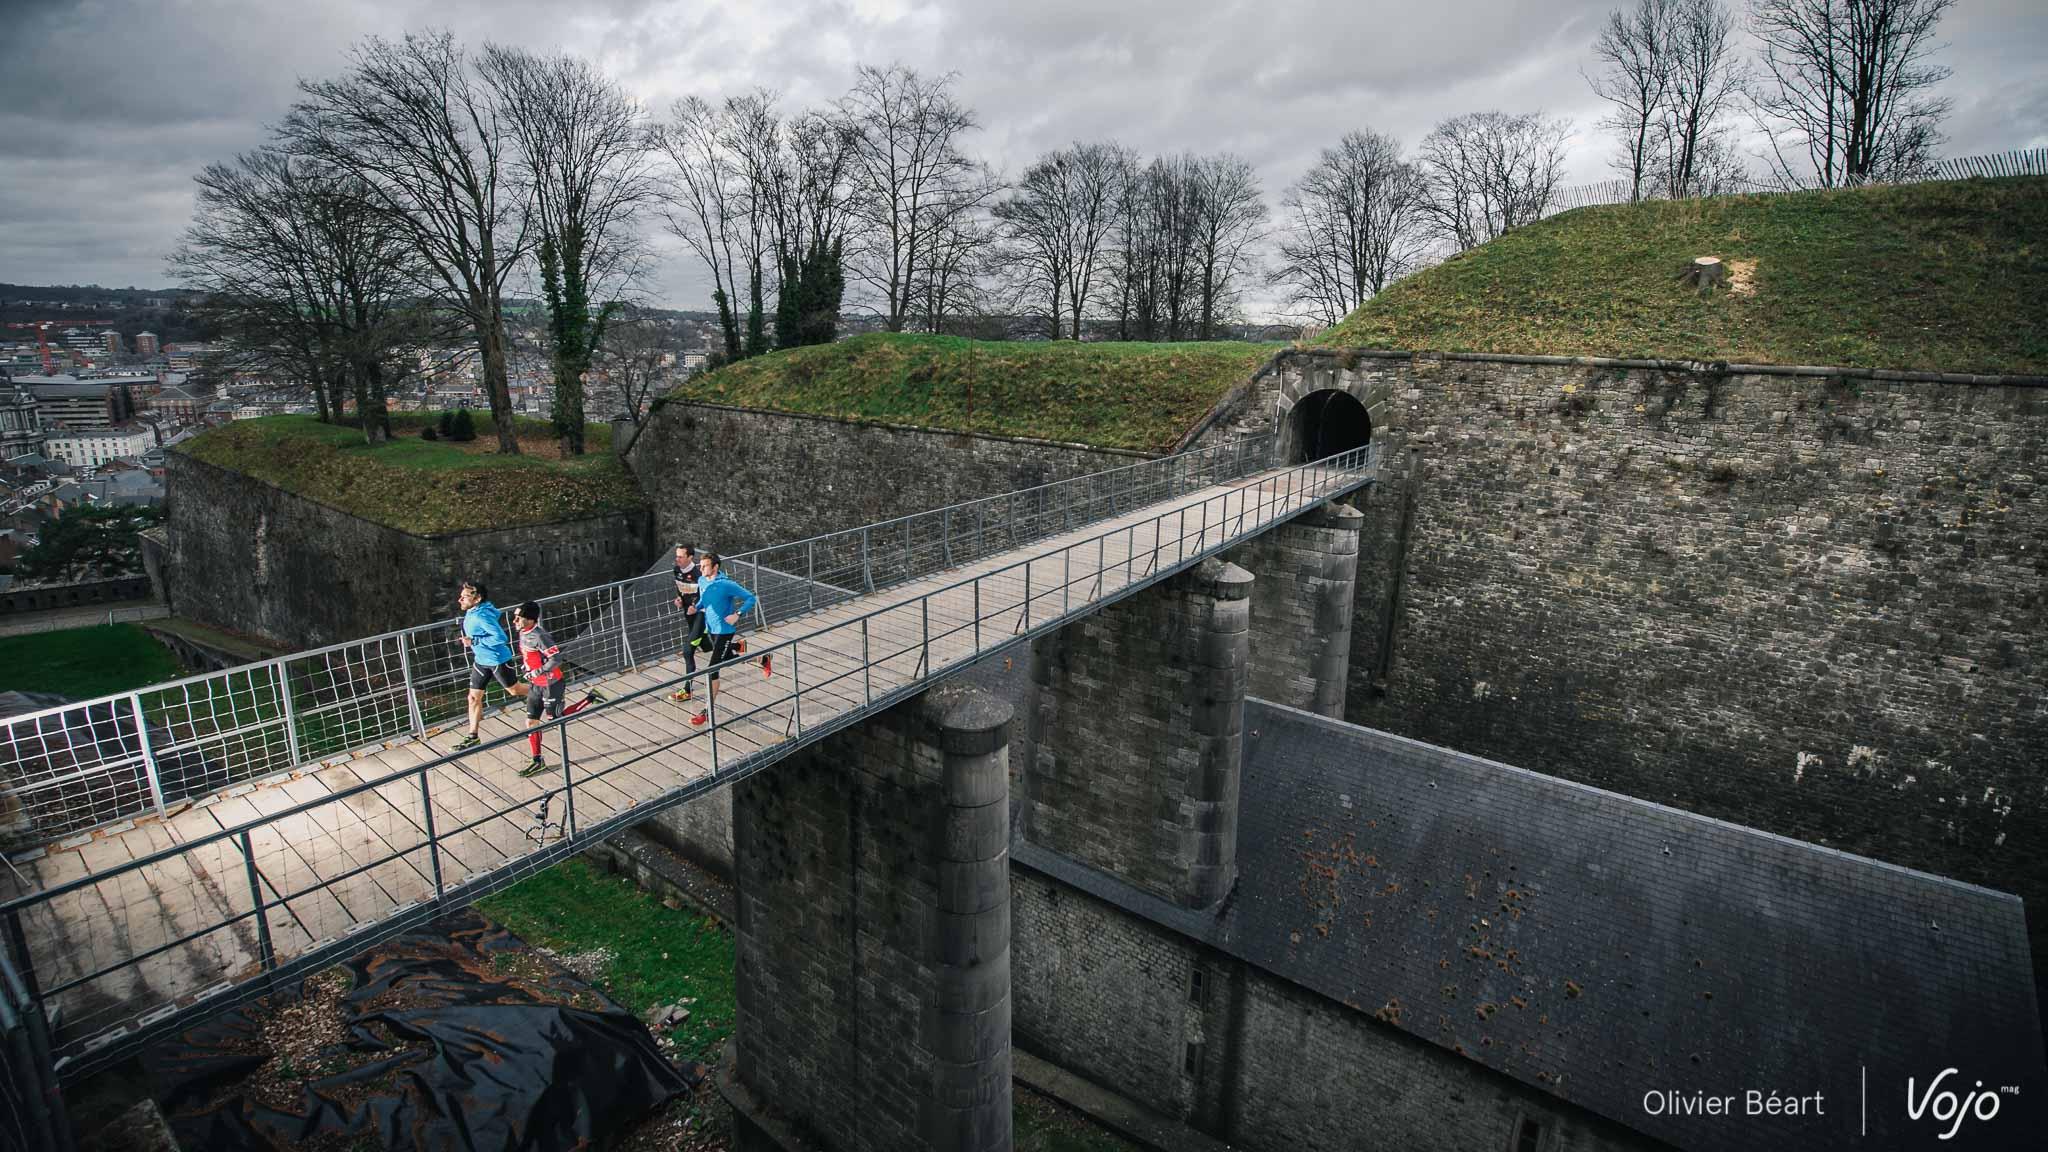 XTerra_Belgium_Namur_parcours_reconnaissance_Copyright_OBeart_VojoMag-24